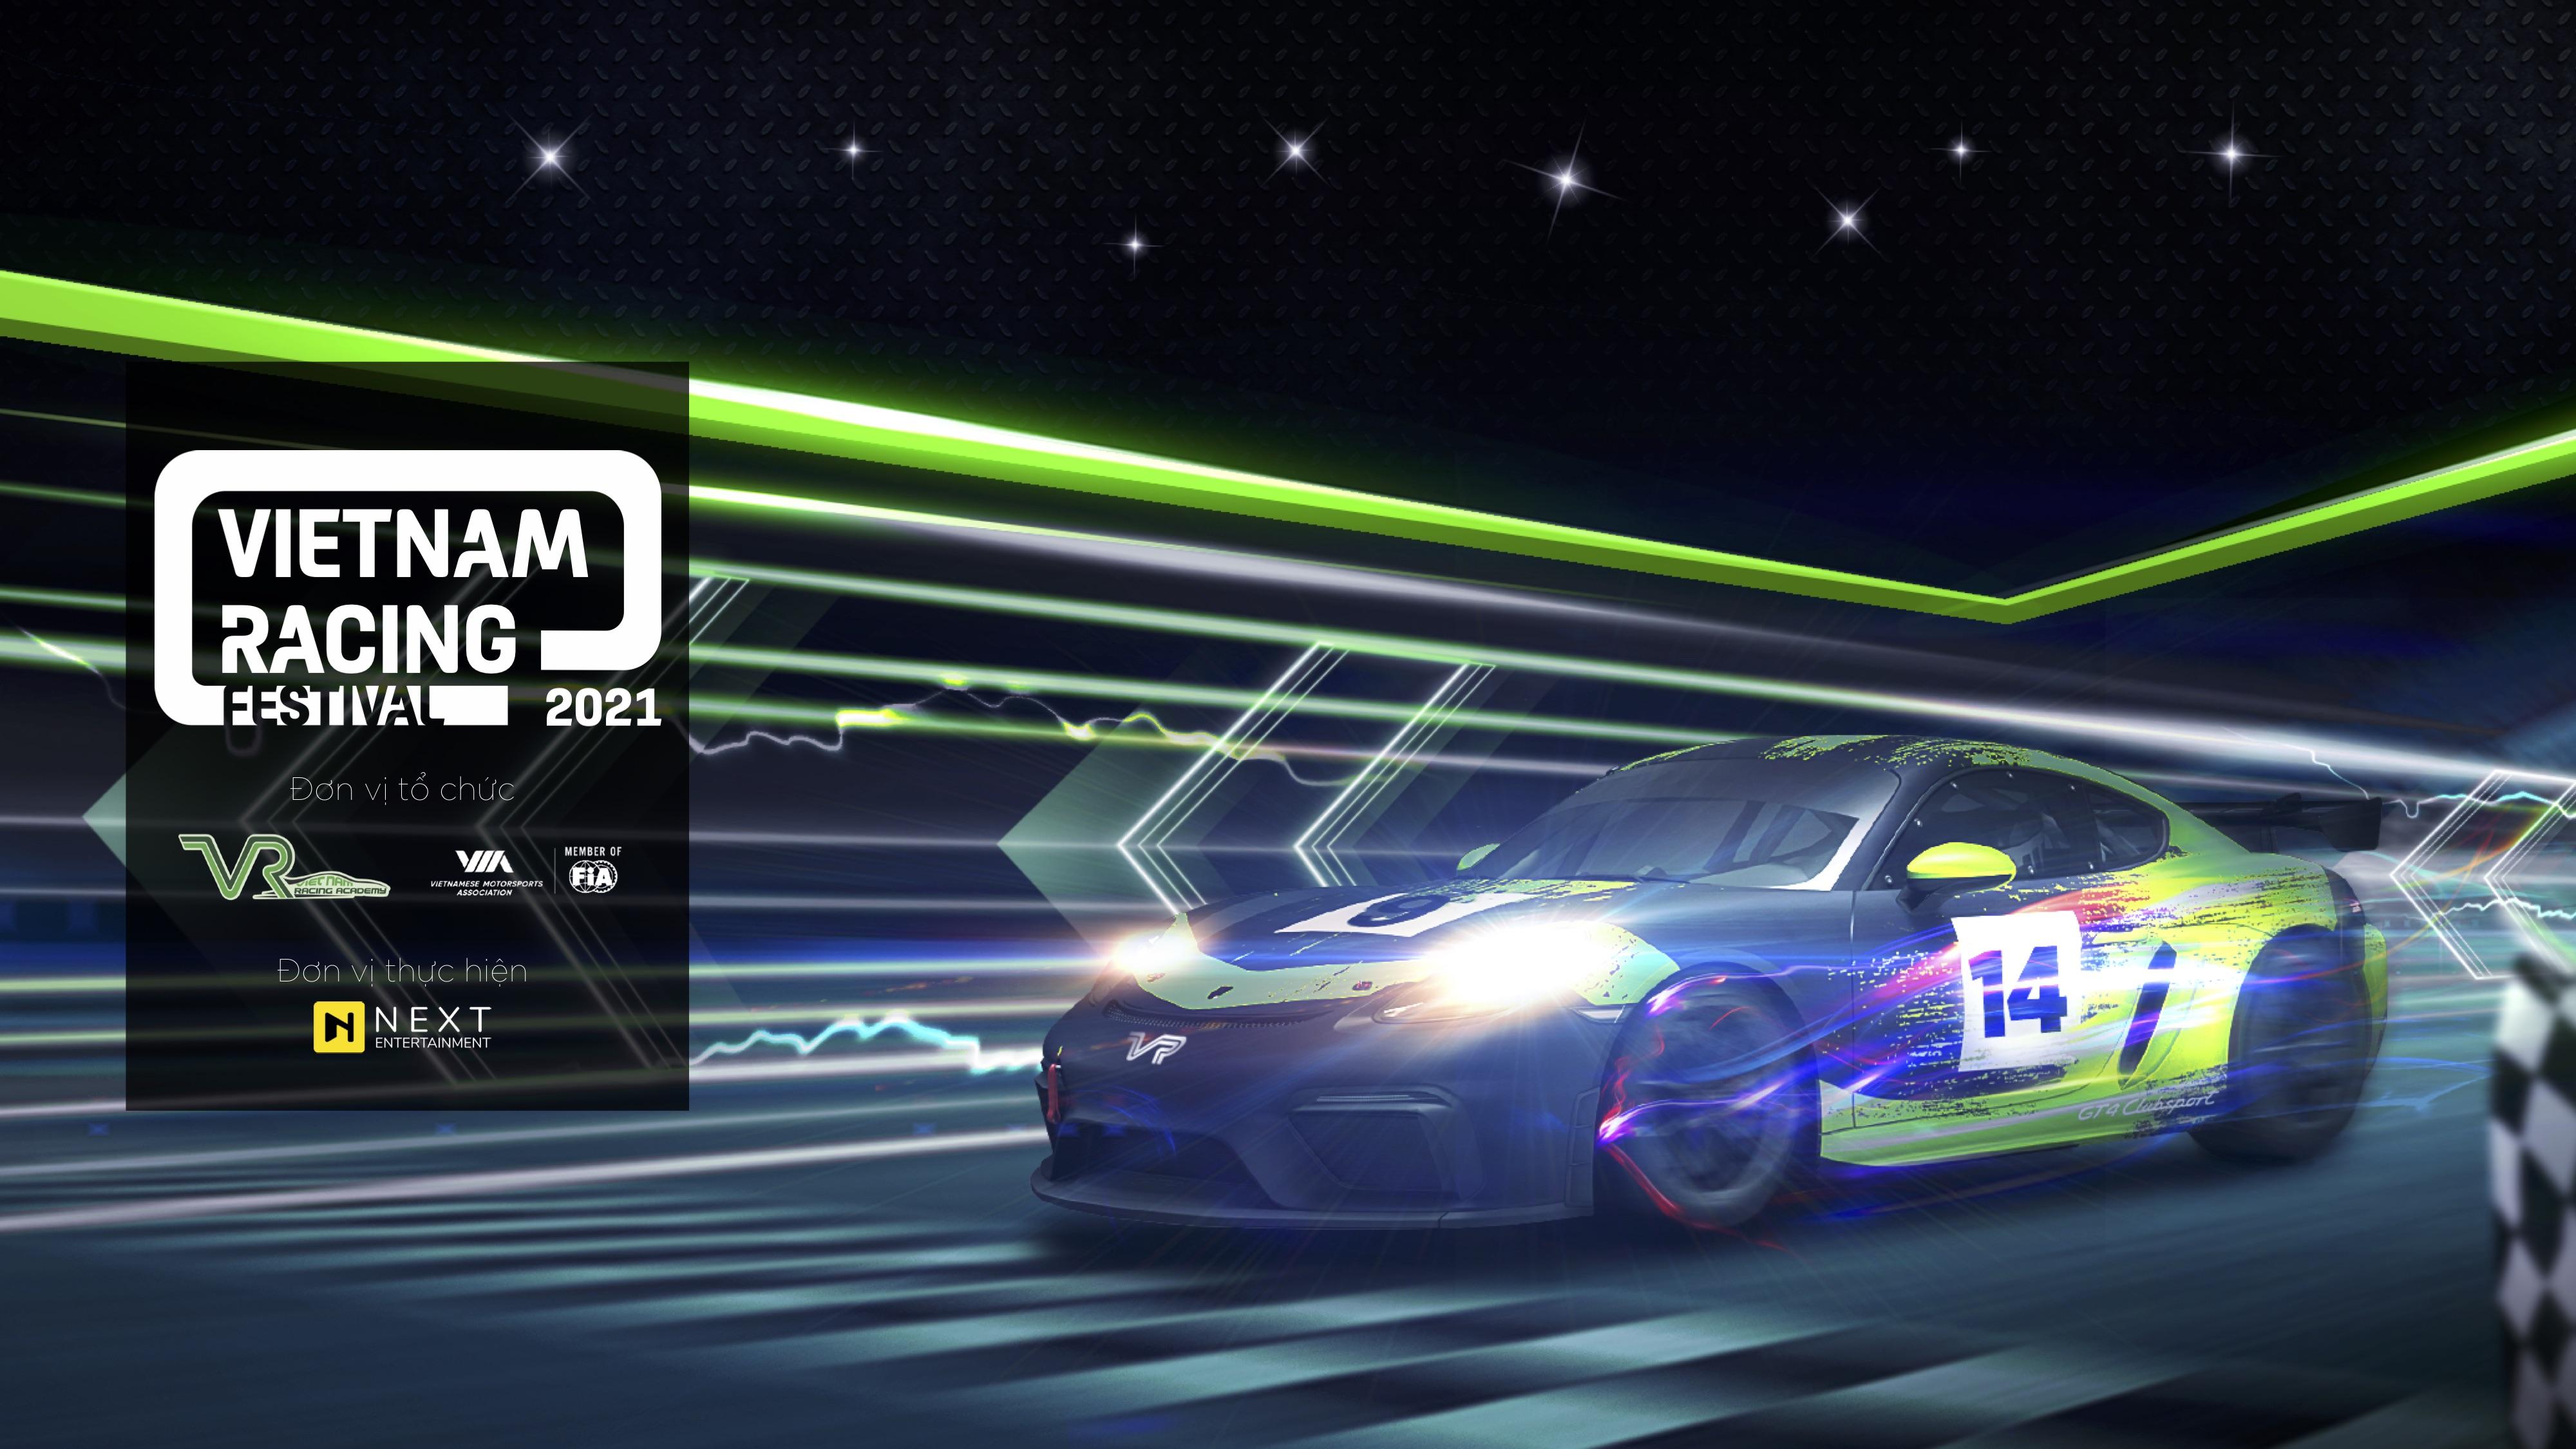 Lễ Hội Đua Xe Thể Thao - Vietnam Racing Festival 2021 (VRF)